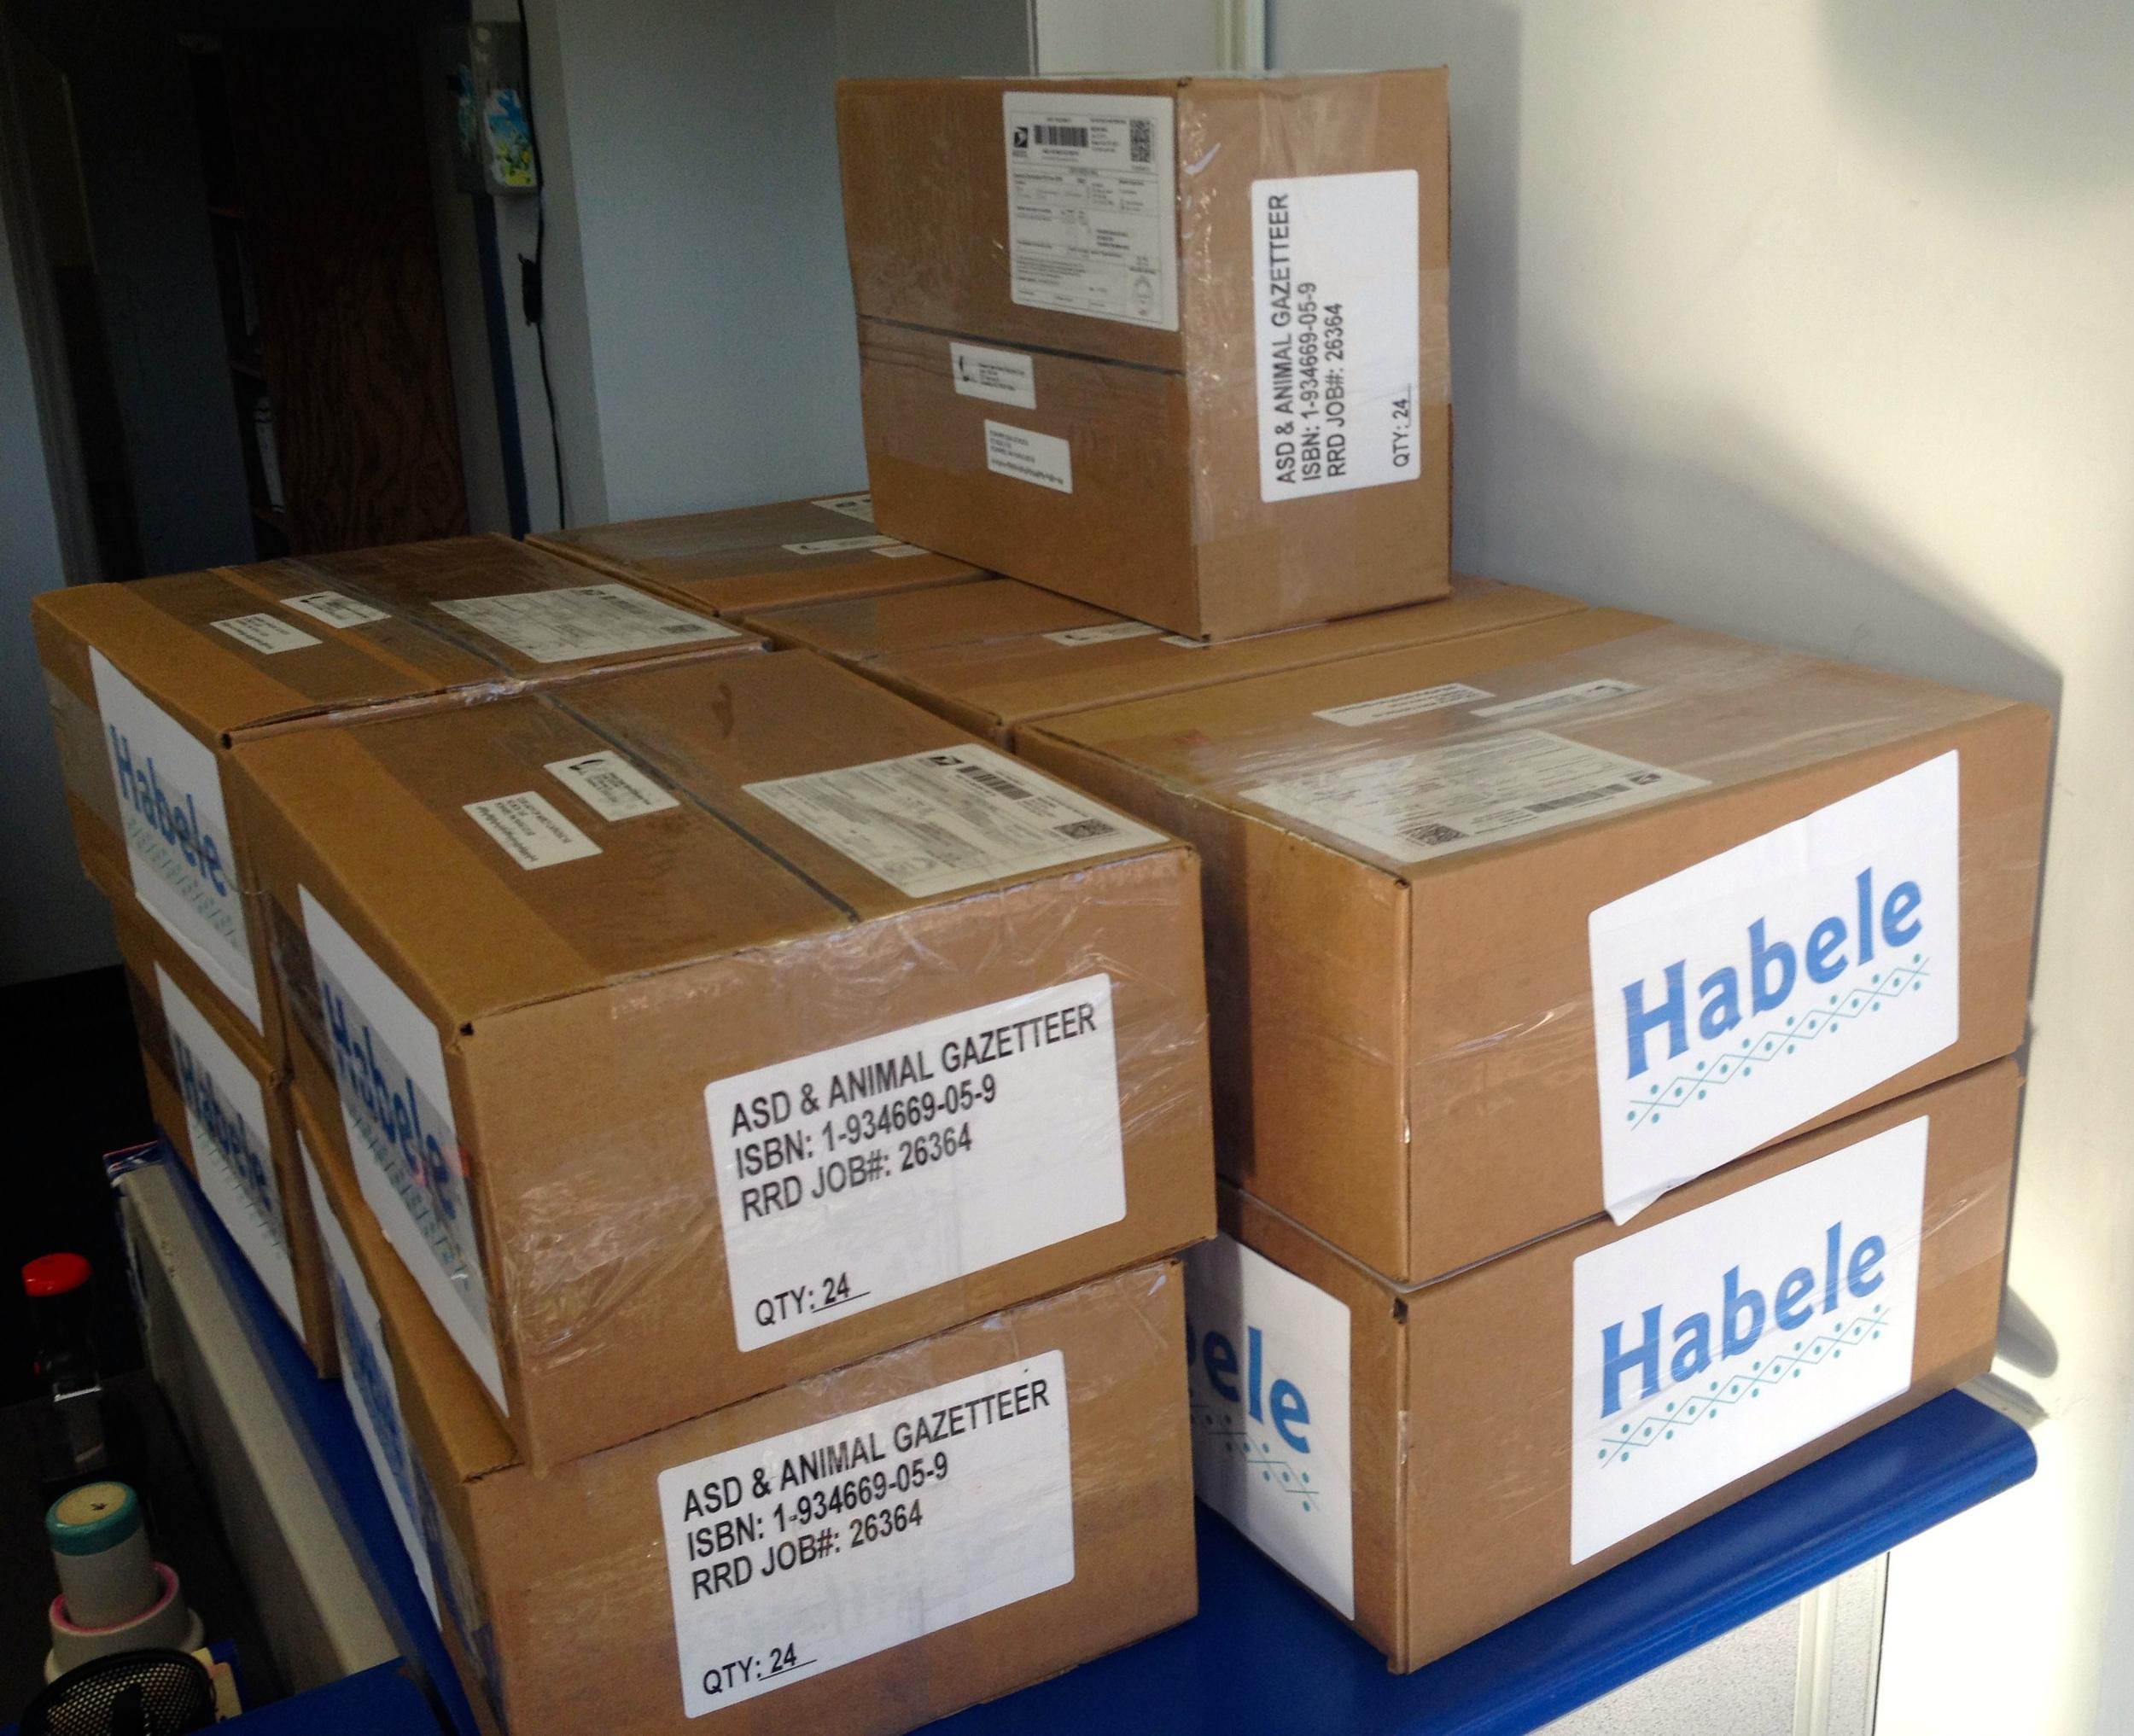 Habele Pohnpei Dictionaries JAN 2014.jpg